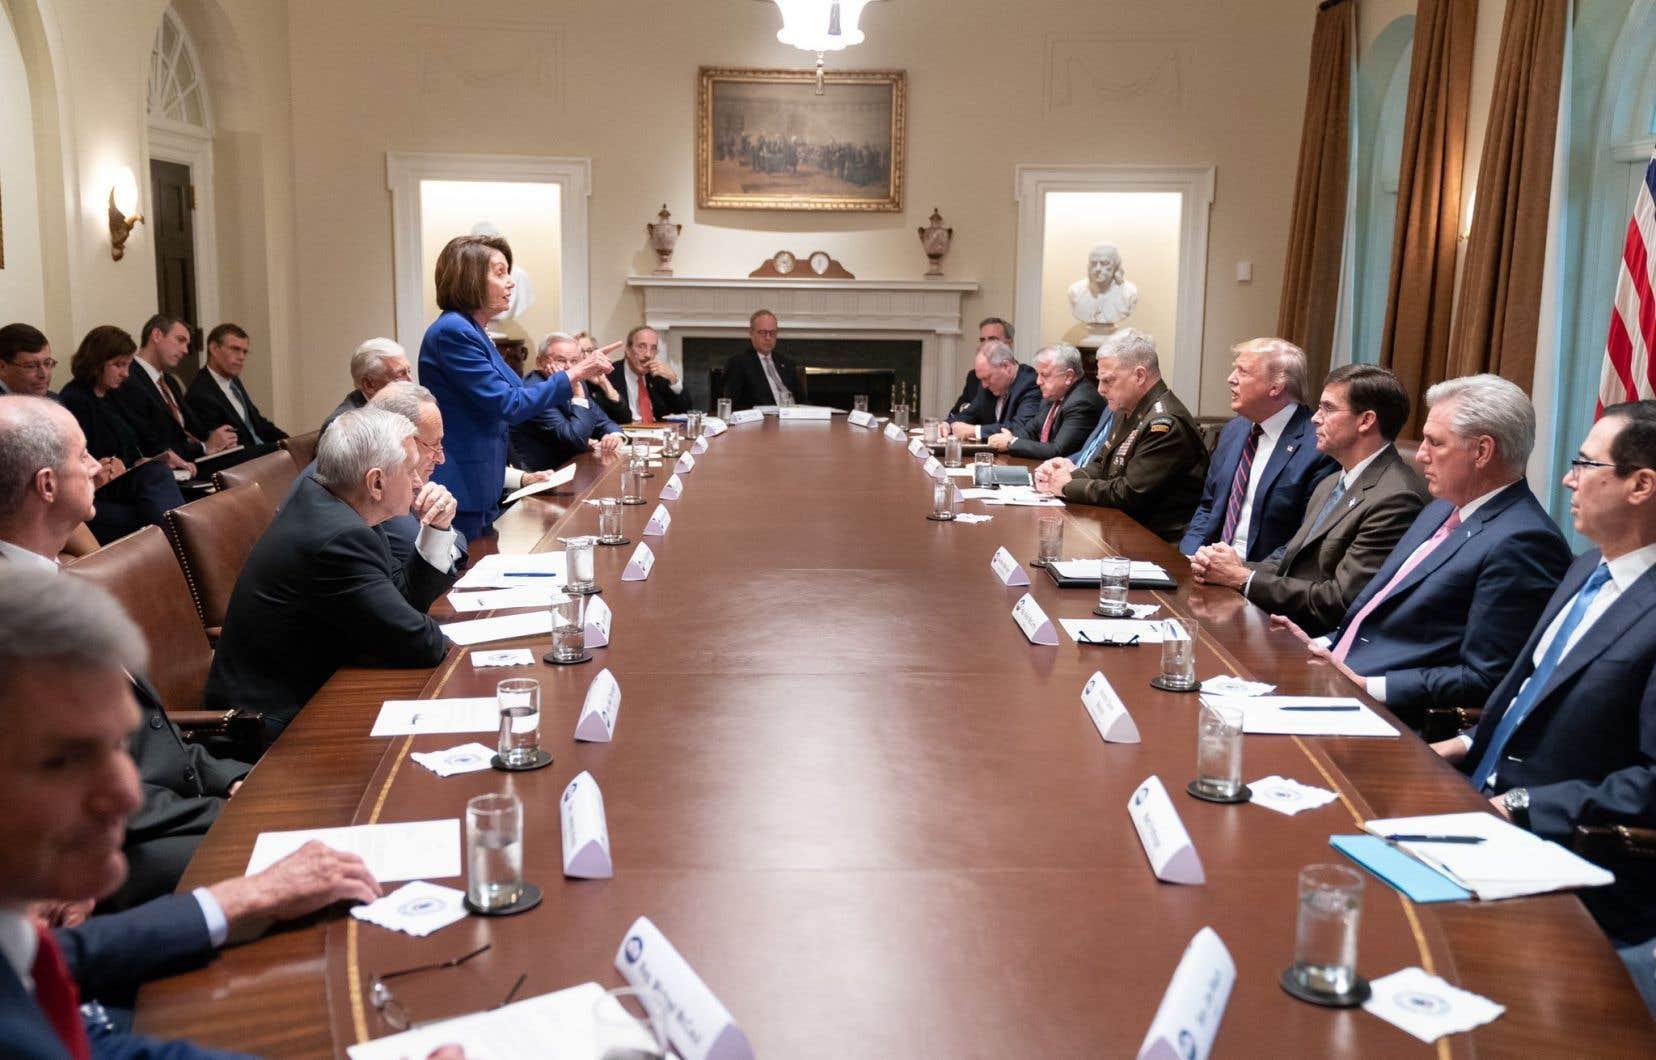 «Elle a totalement craqué à la Maison-Blanche aujourd'hui. C'était très triste à voir. Priez pour elle, c'est une personne très dérangée!», a tweeté M. Trump, après avoir publié une photo montrant son opposante debout, un doigt accusateur pointé vers lui.